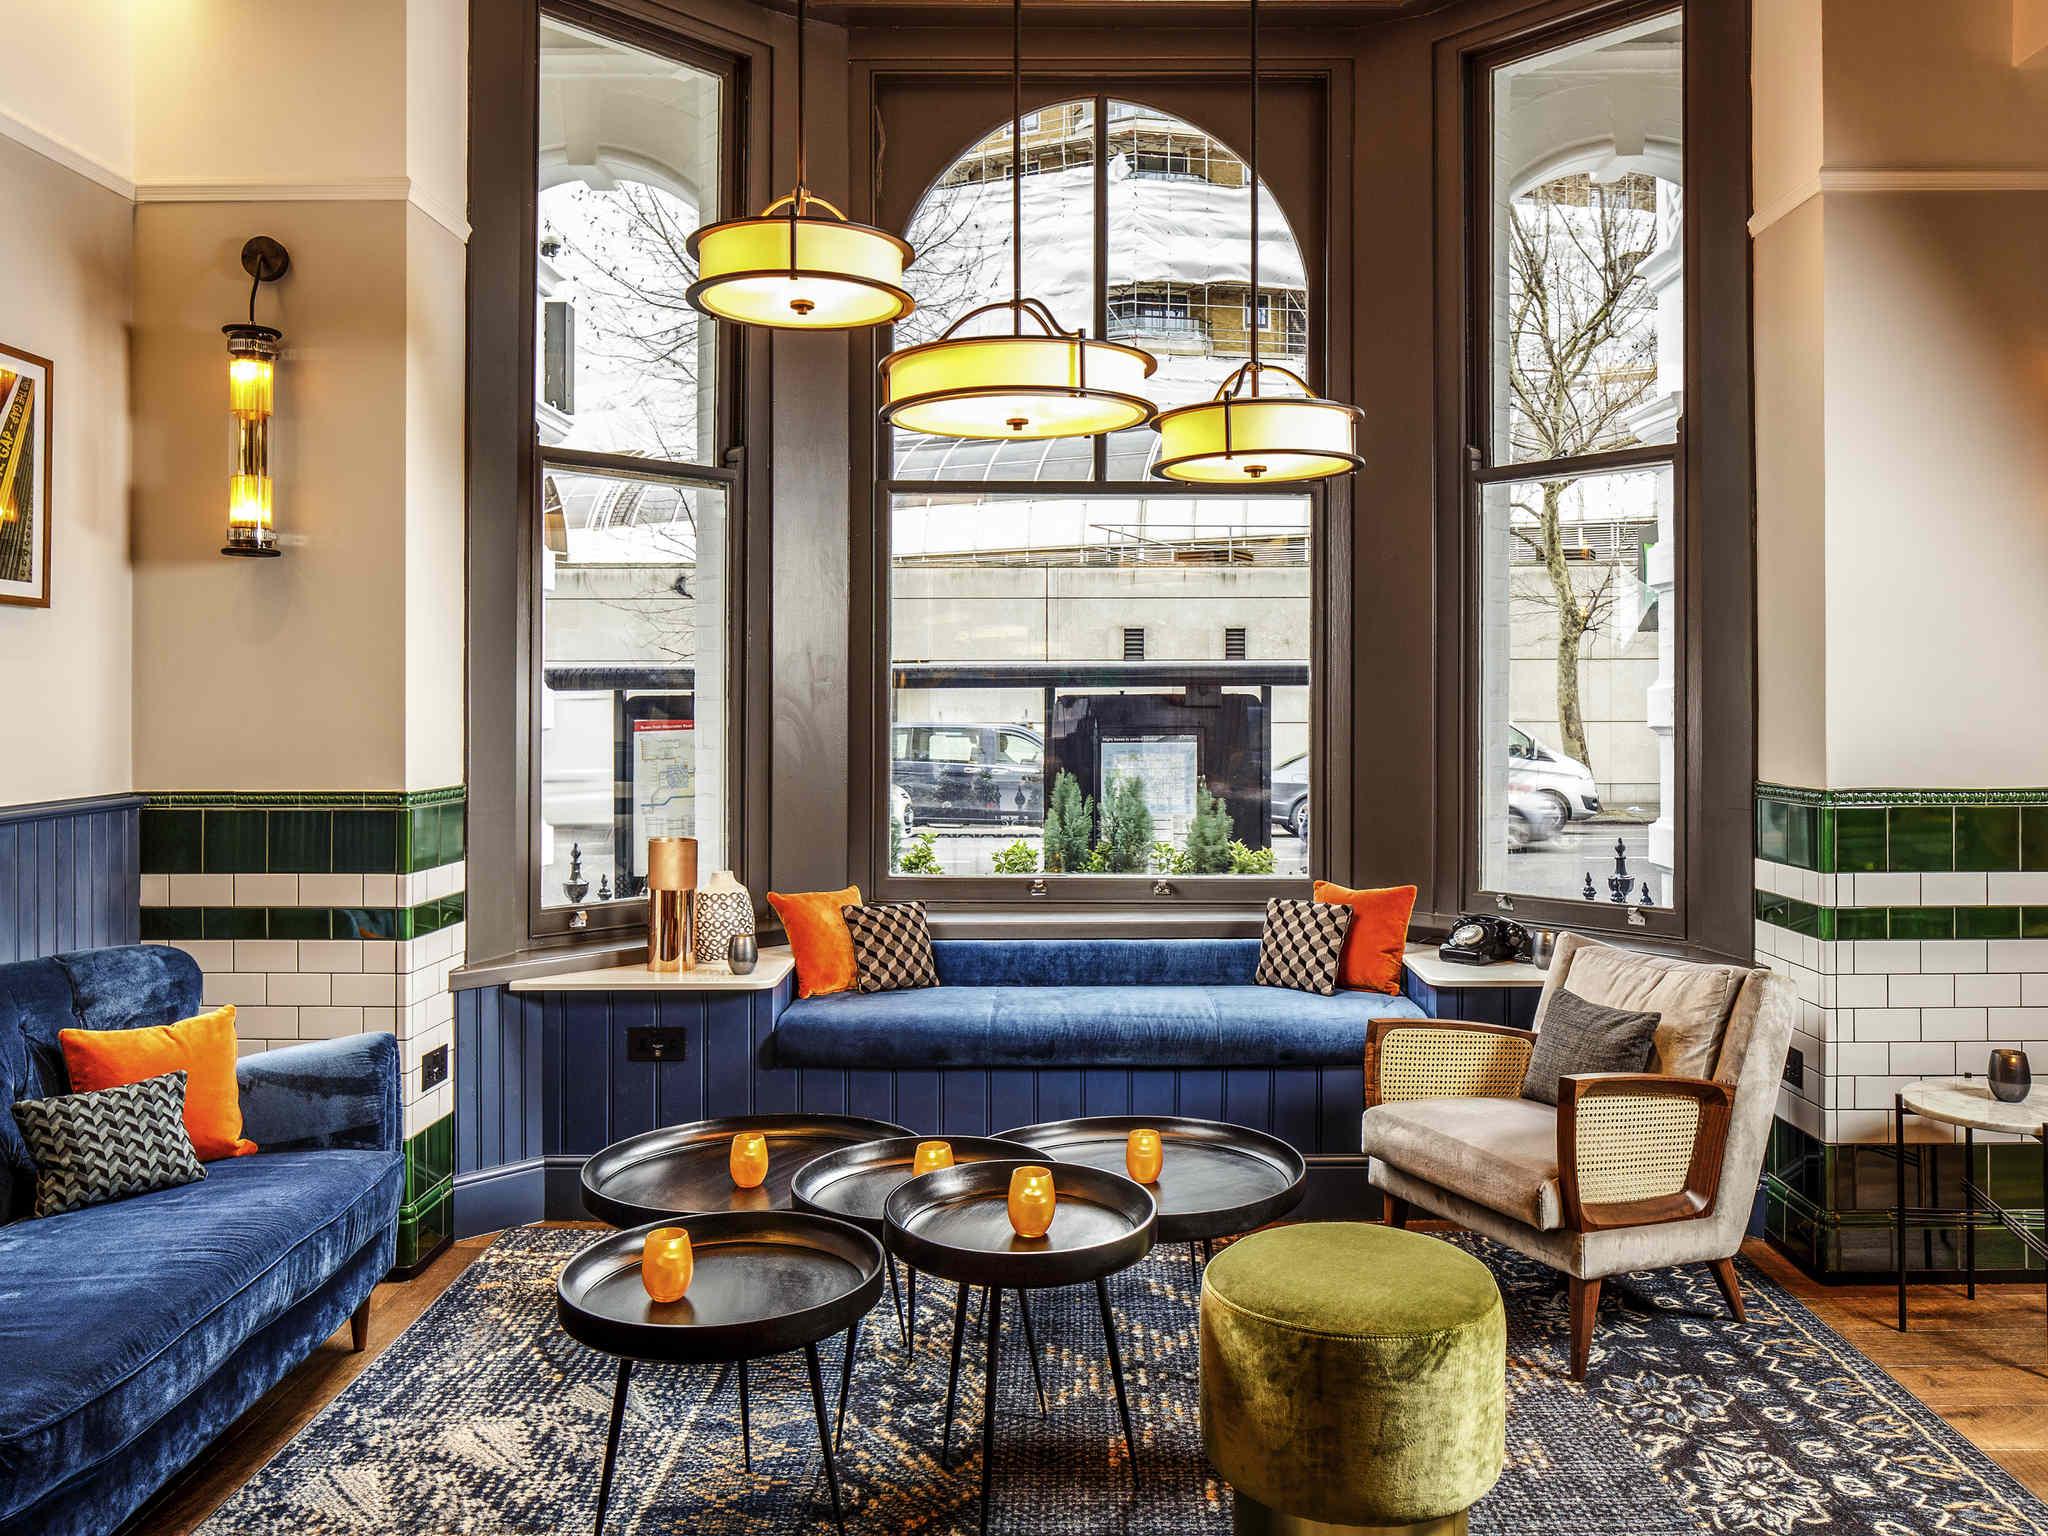 فندق - إيبيس ستايلز ibis Styles لندن غلوستر رود، يفتح في يناير 2018